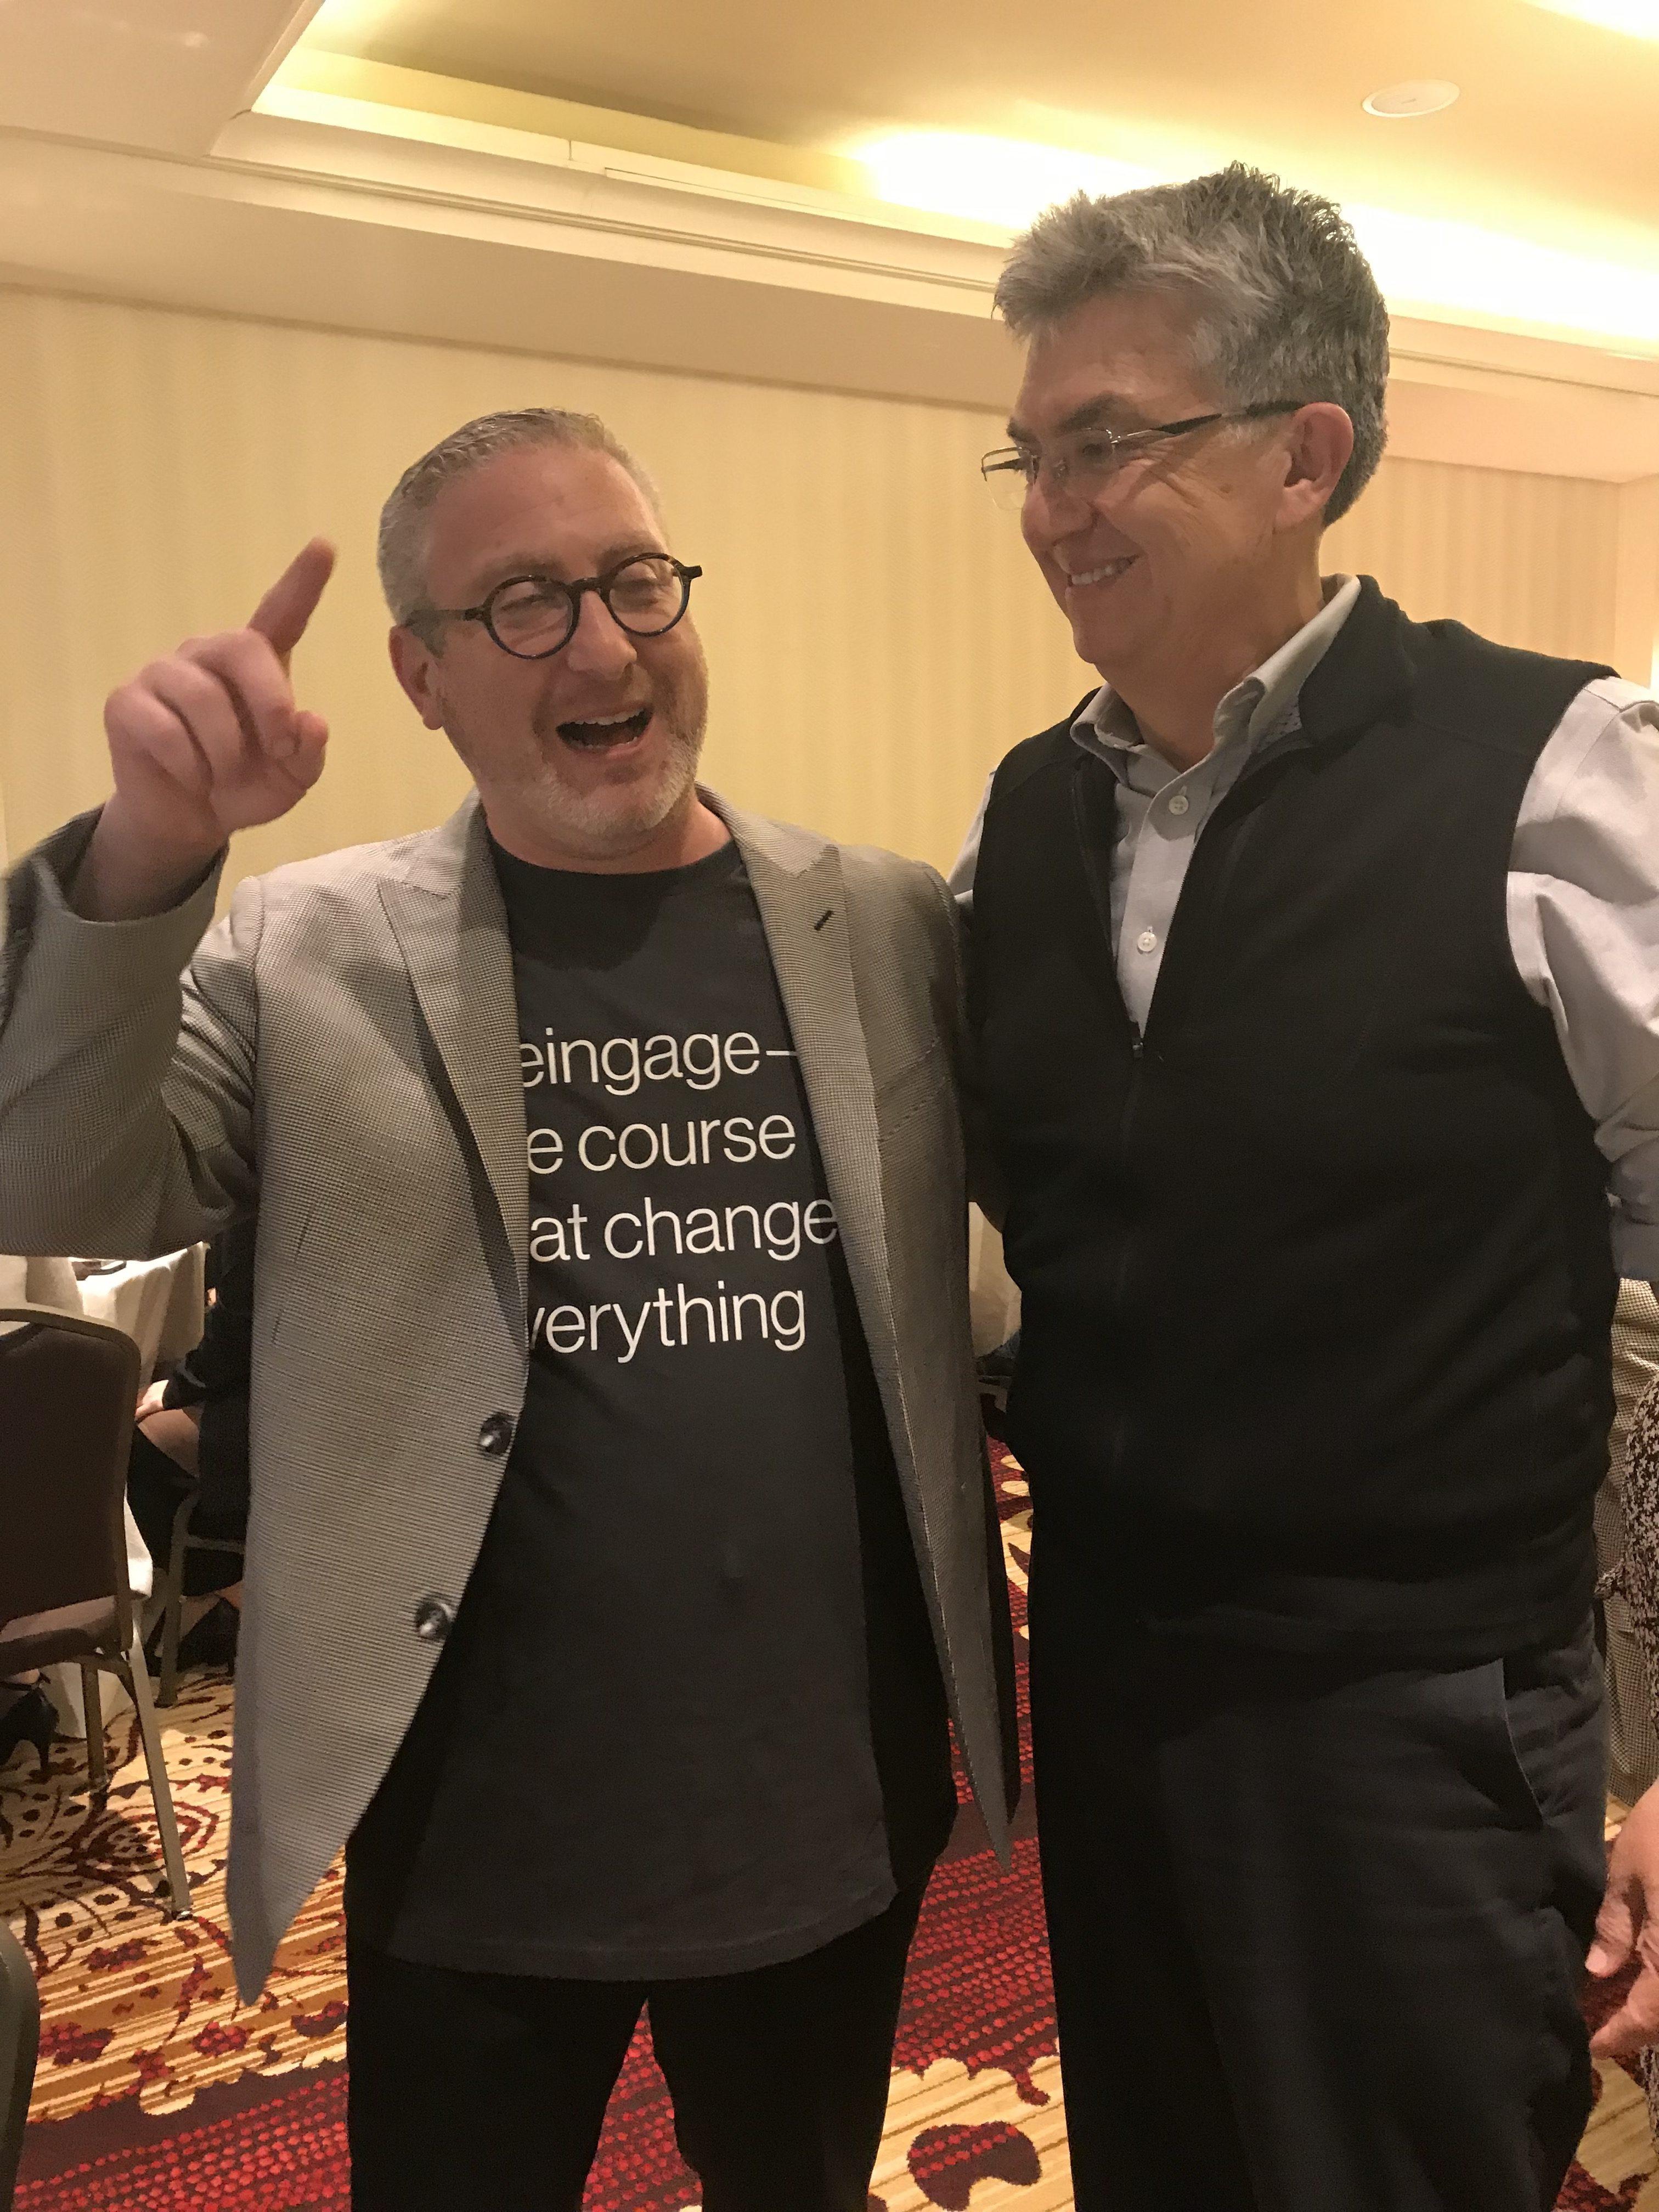 Dr. Galler visits with Dr. Medina at Reingage, Newark NJ 4/11/2018